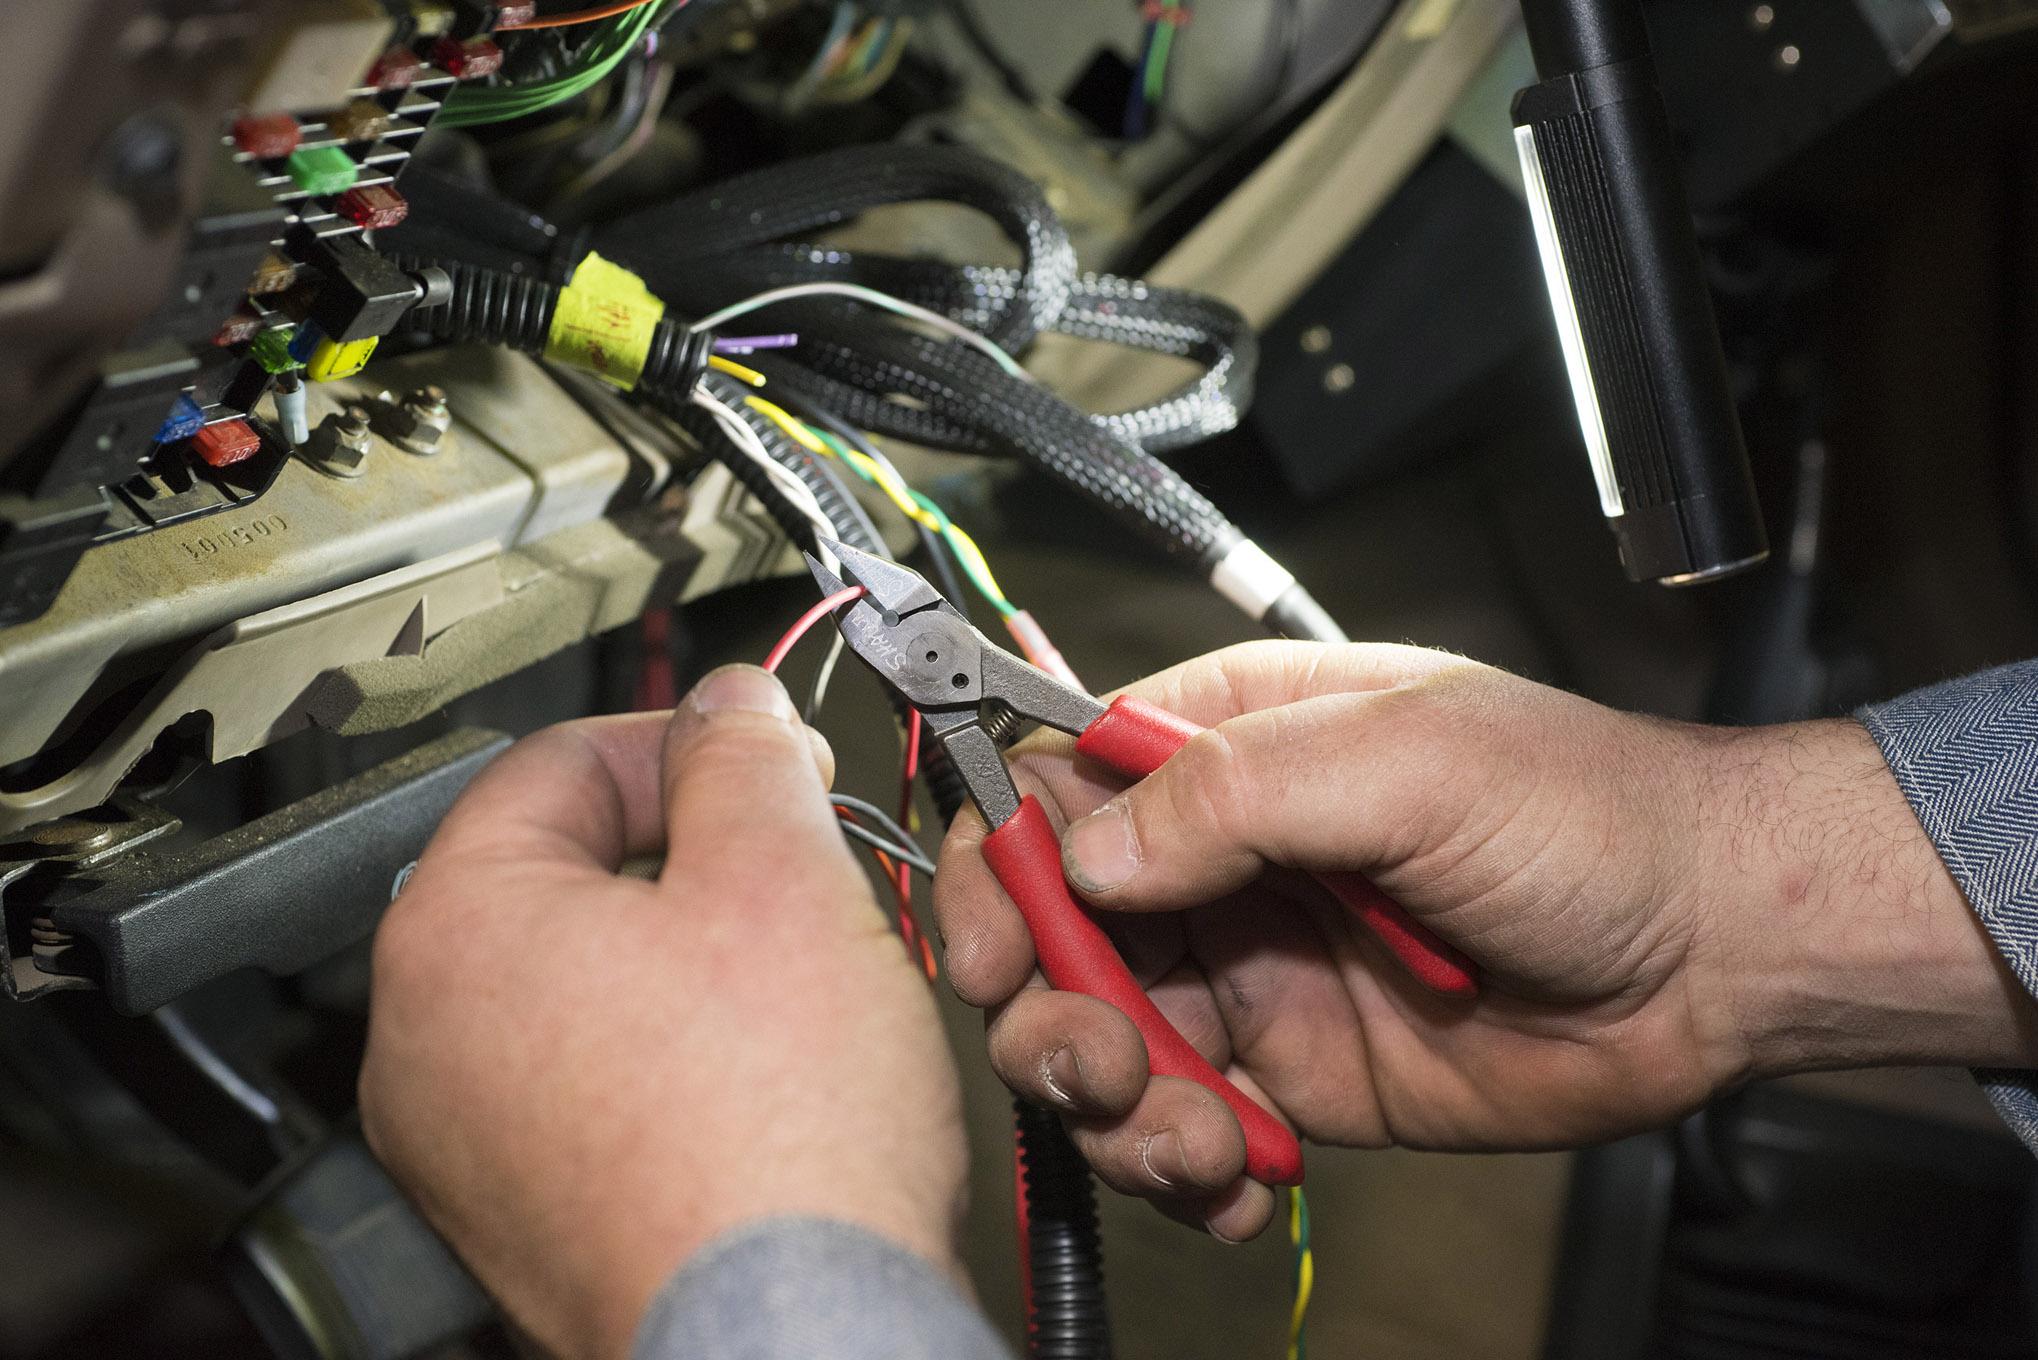 014 big 3 blend part 3 under dash wiring  view photo gallery   24 photos